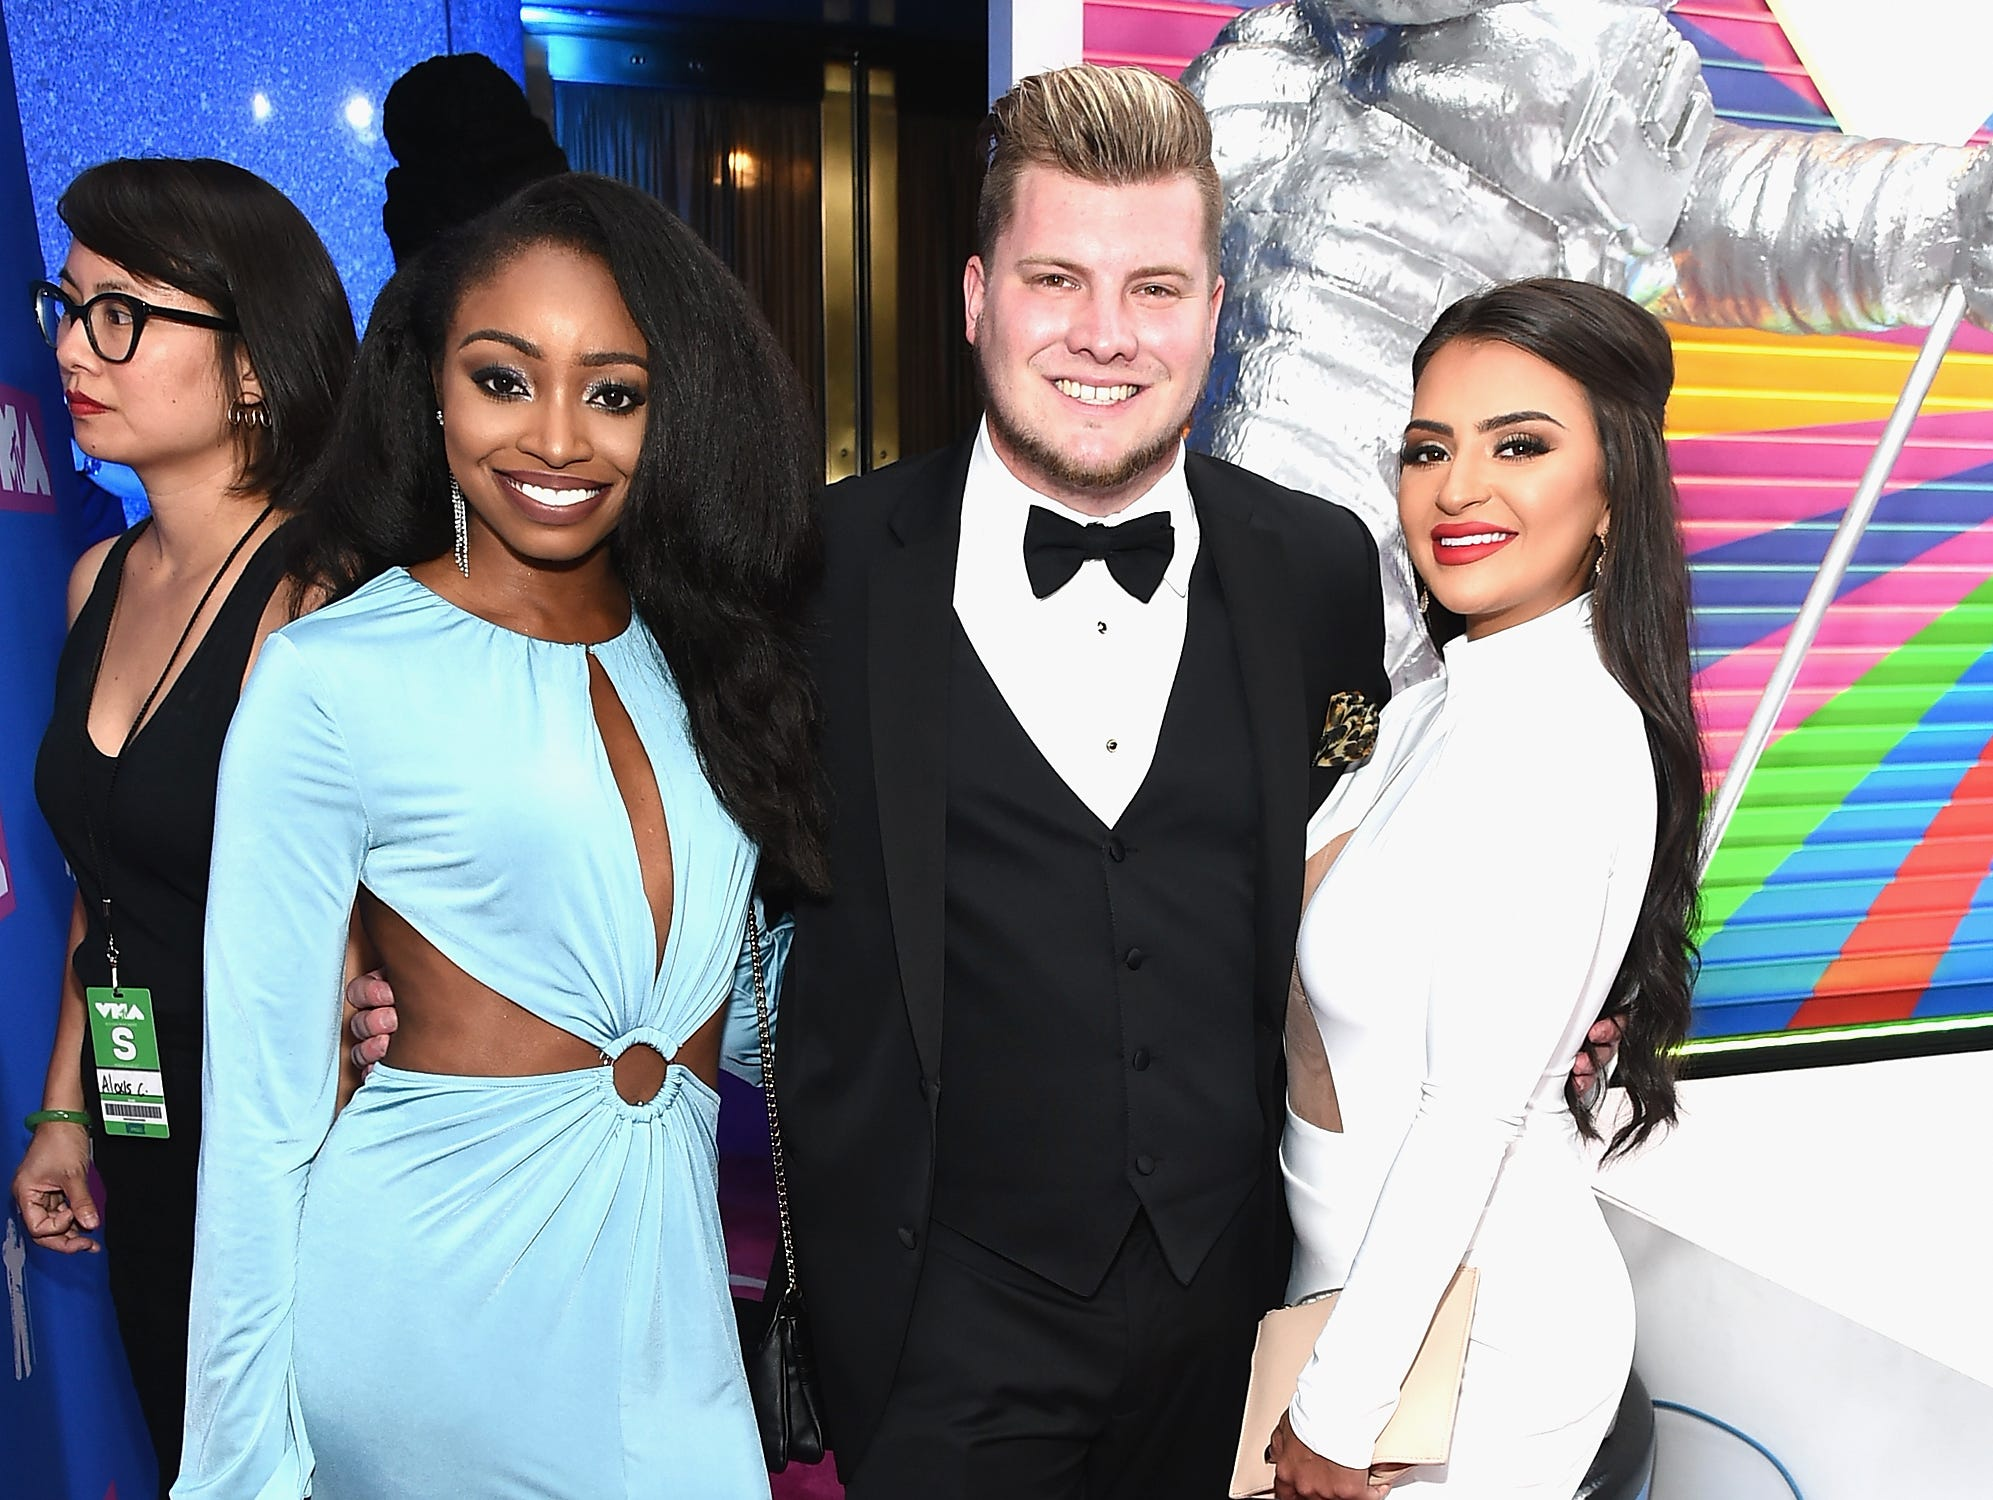 Candice Rice, Codi Butts y Nilsa Prowant de Floribama Shore asisten a los MTV Video Music Awards 2018 en el Radio City Music Hall el 20 de agosto de 2018 en la ciudad de Nueva York.